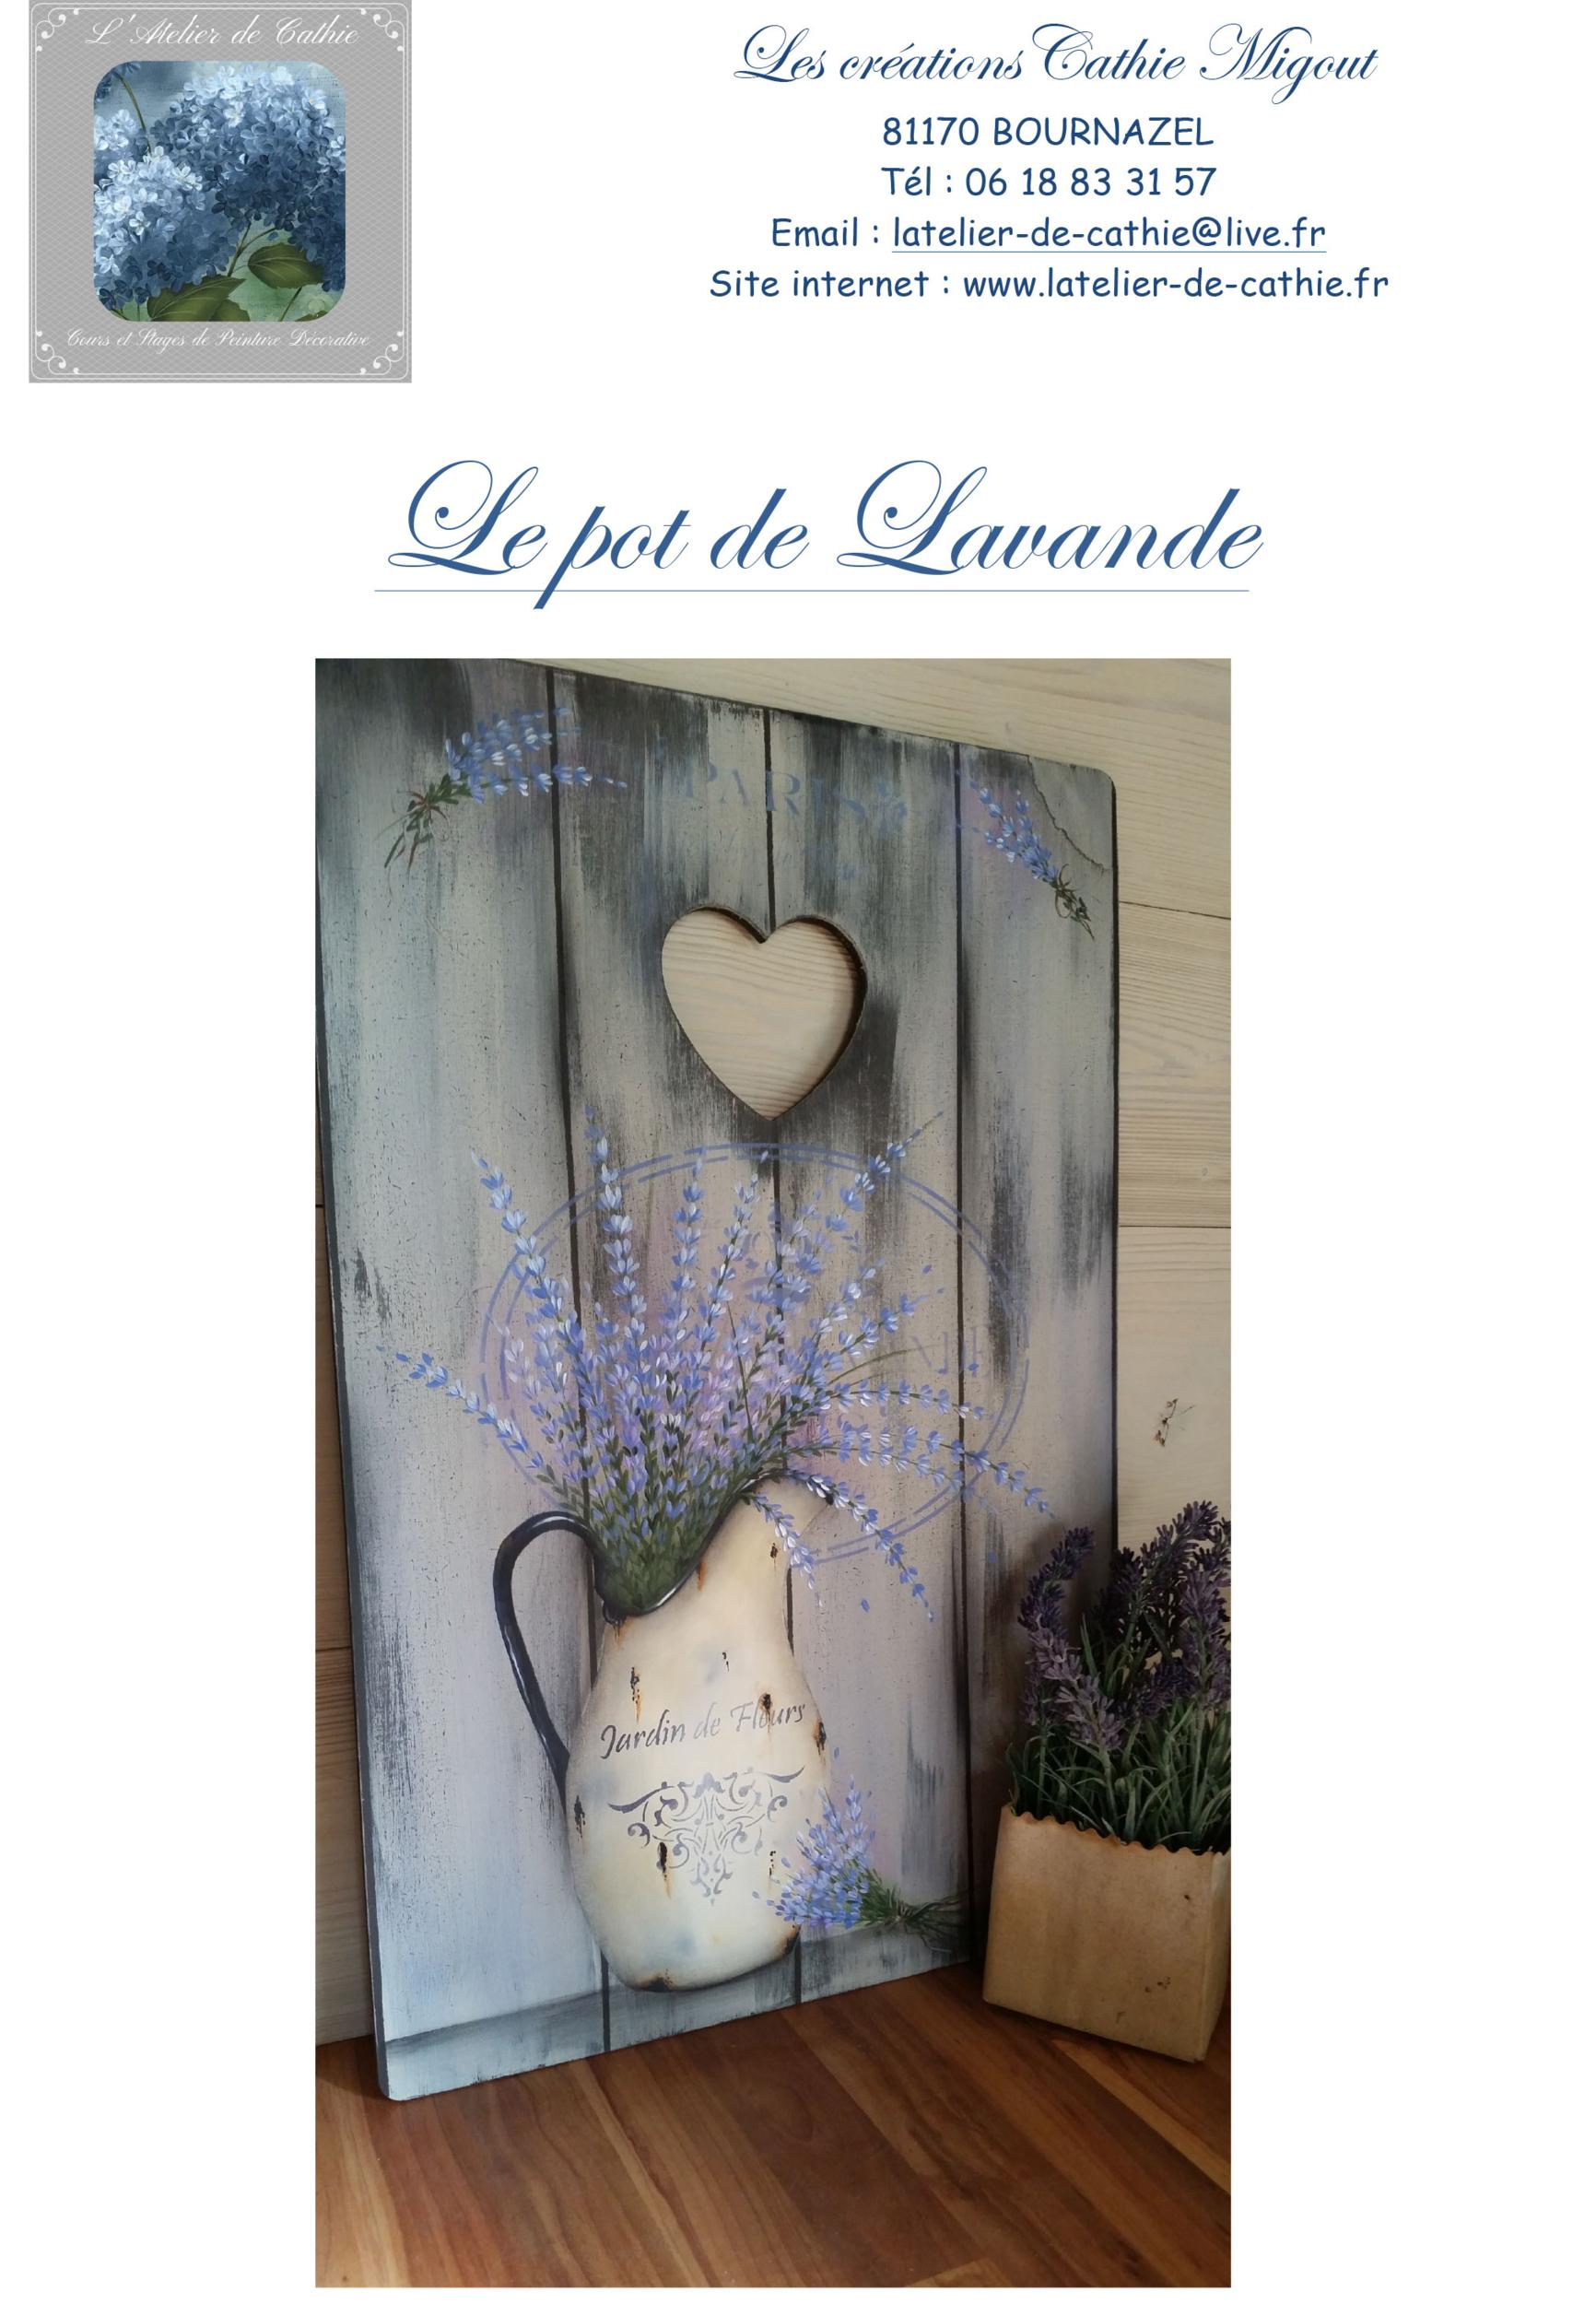 Le Pot de lavande - Les créations Cathie Migout